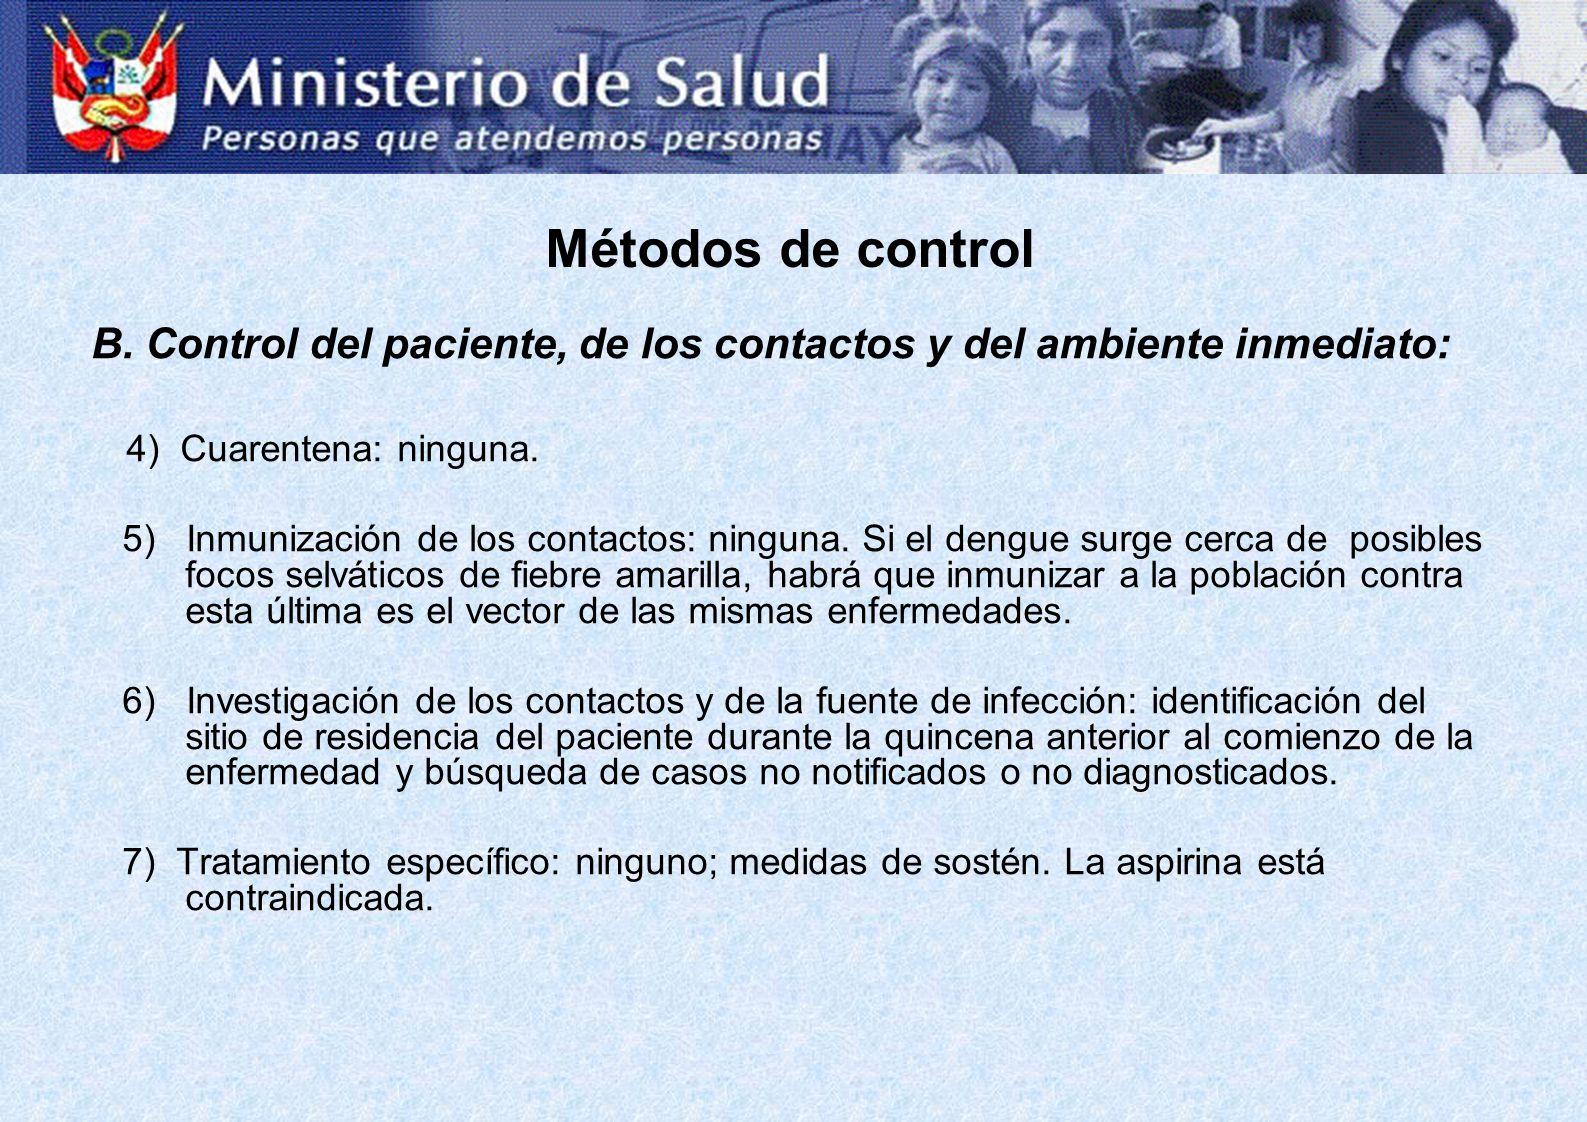 Métodos de control B. Control del paciente, de los contactos y del ambiente inmediato: 4) Cuarentena: ninguna. 5) Inmunización de los contactos: ningu